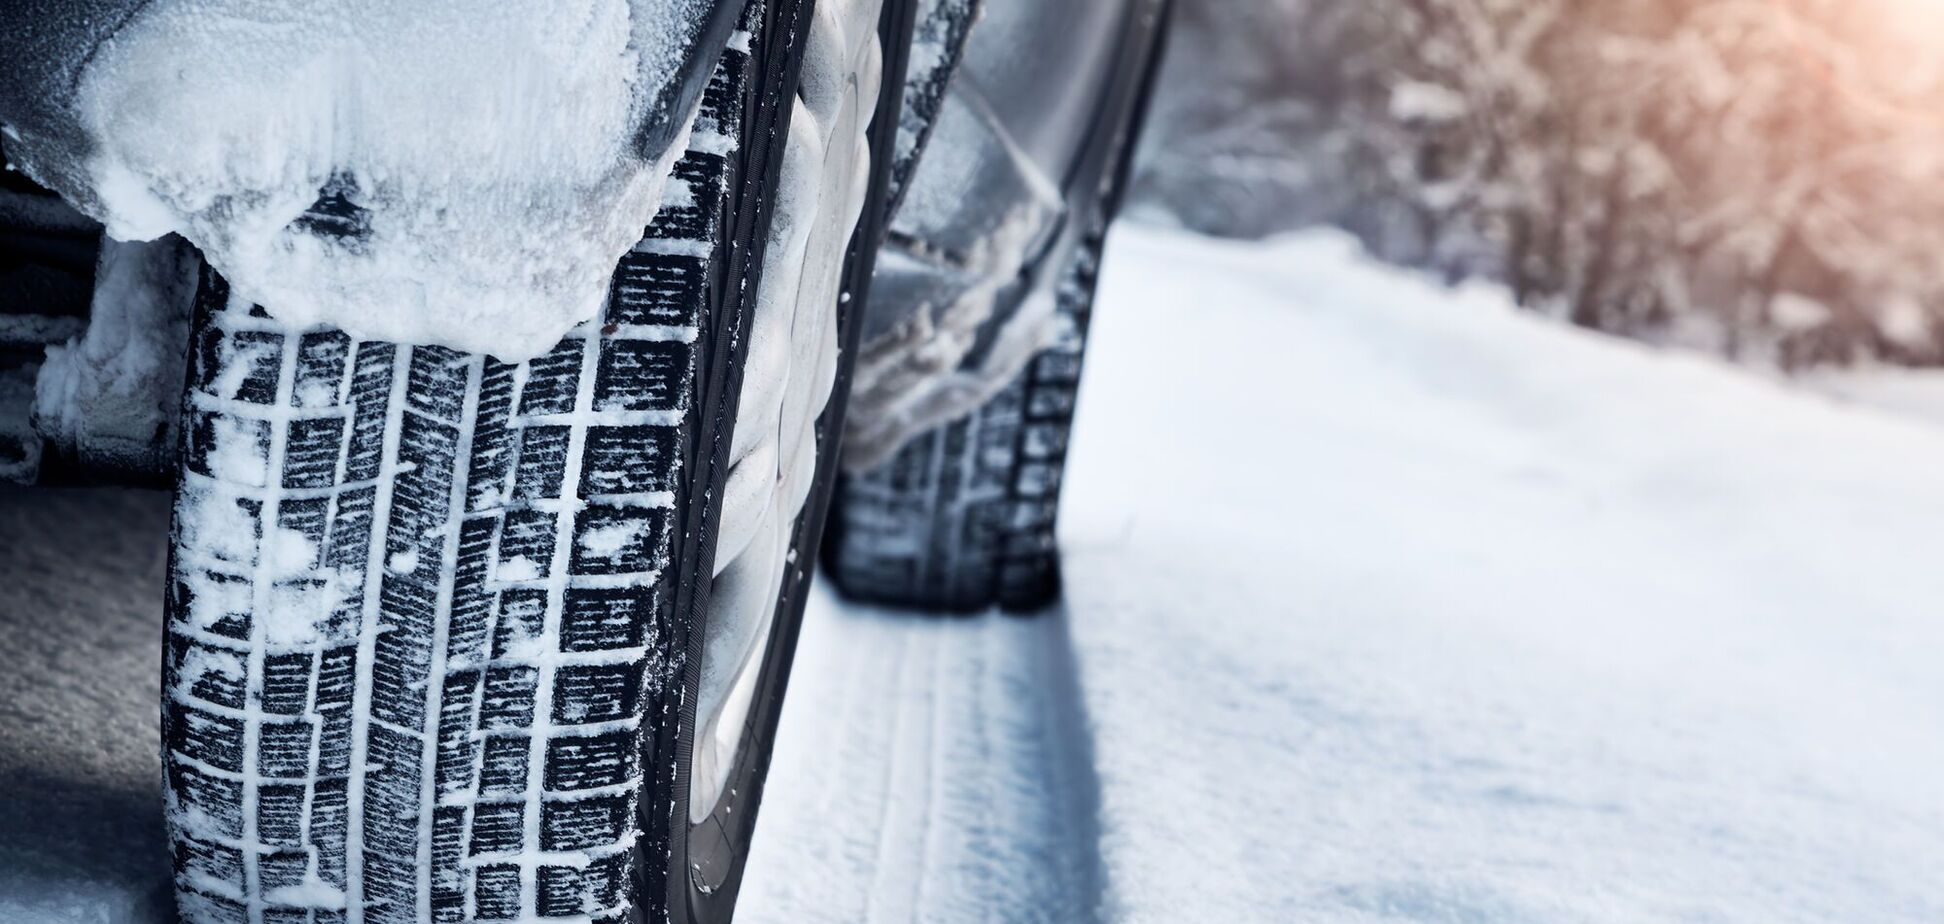 В яких країнах водії зобов'язані використовувати зимову гуму: опублікована карта